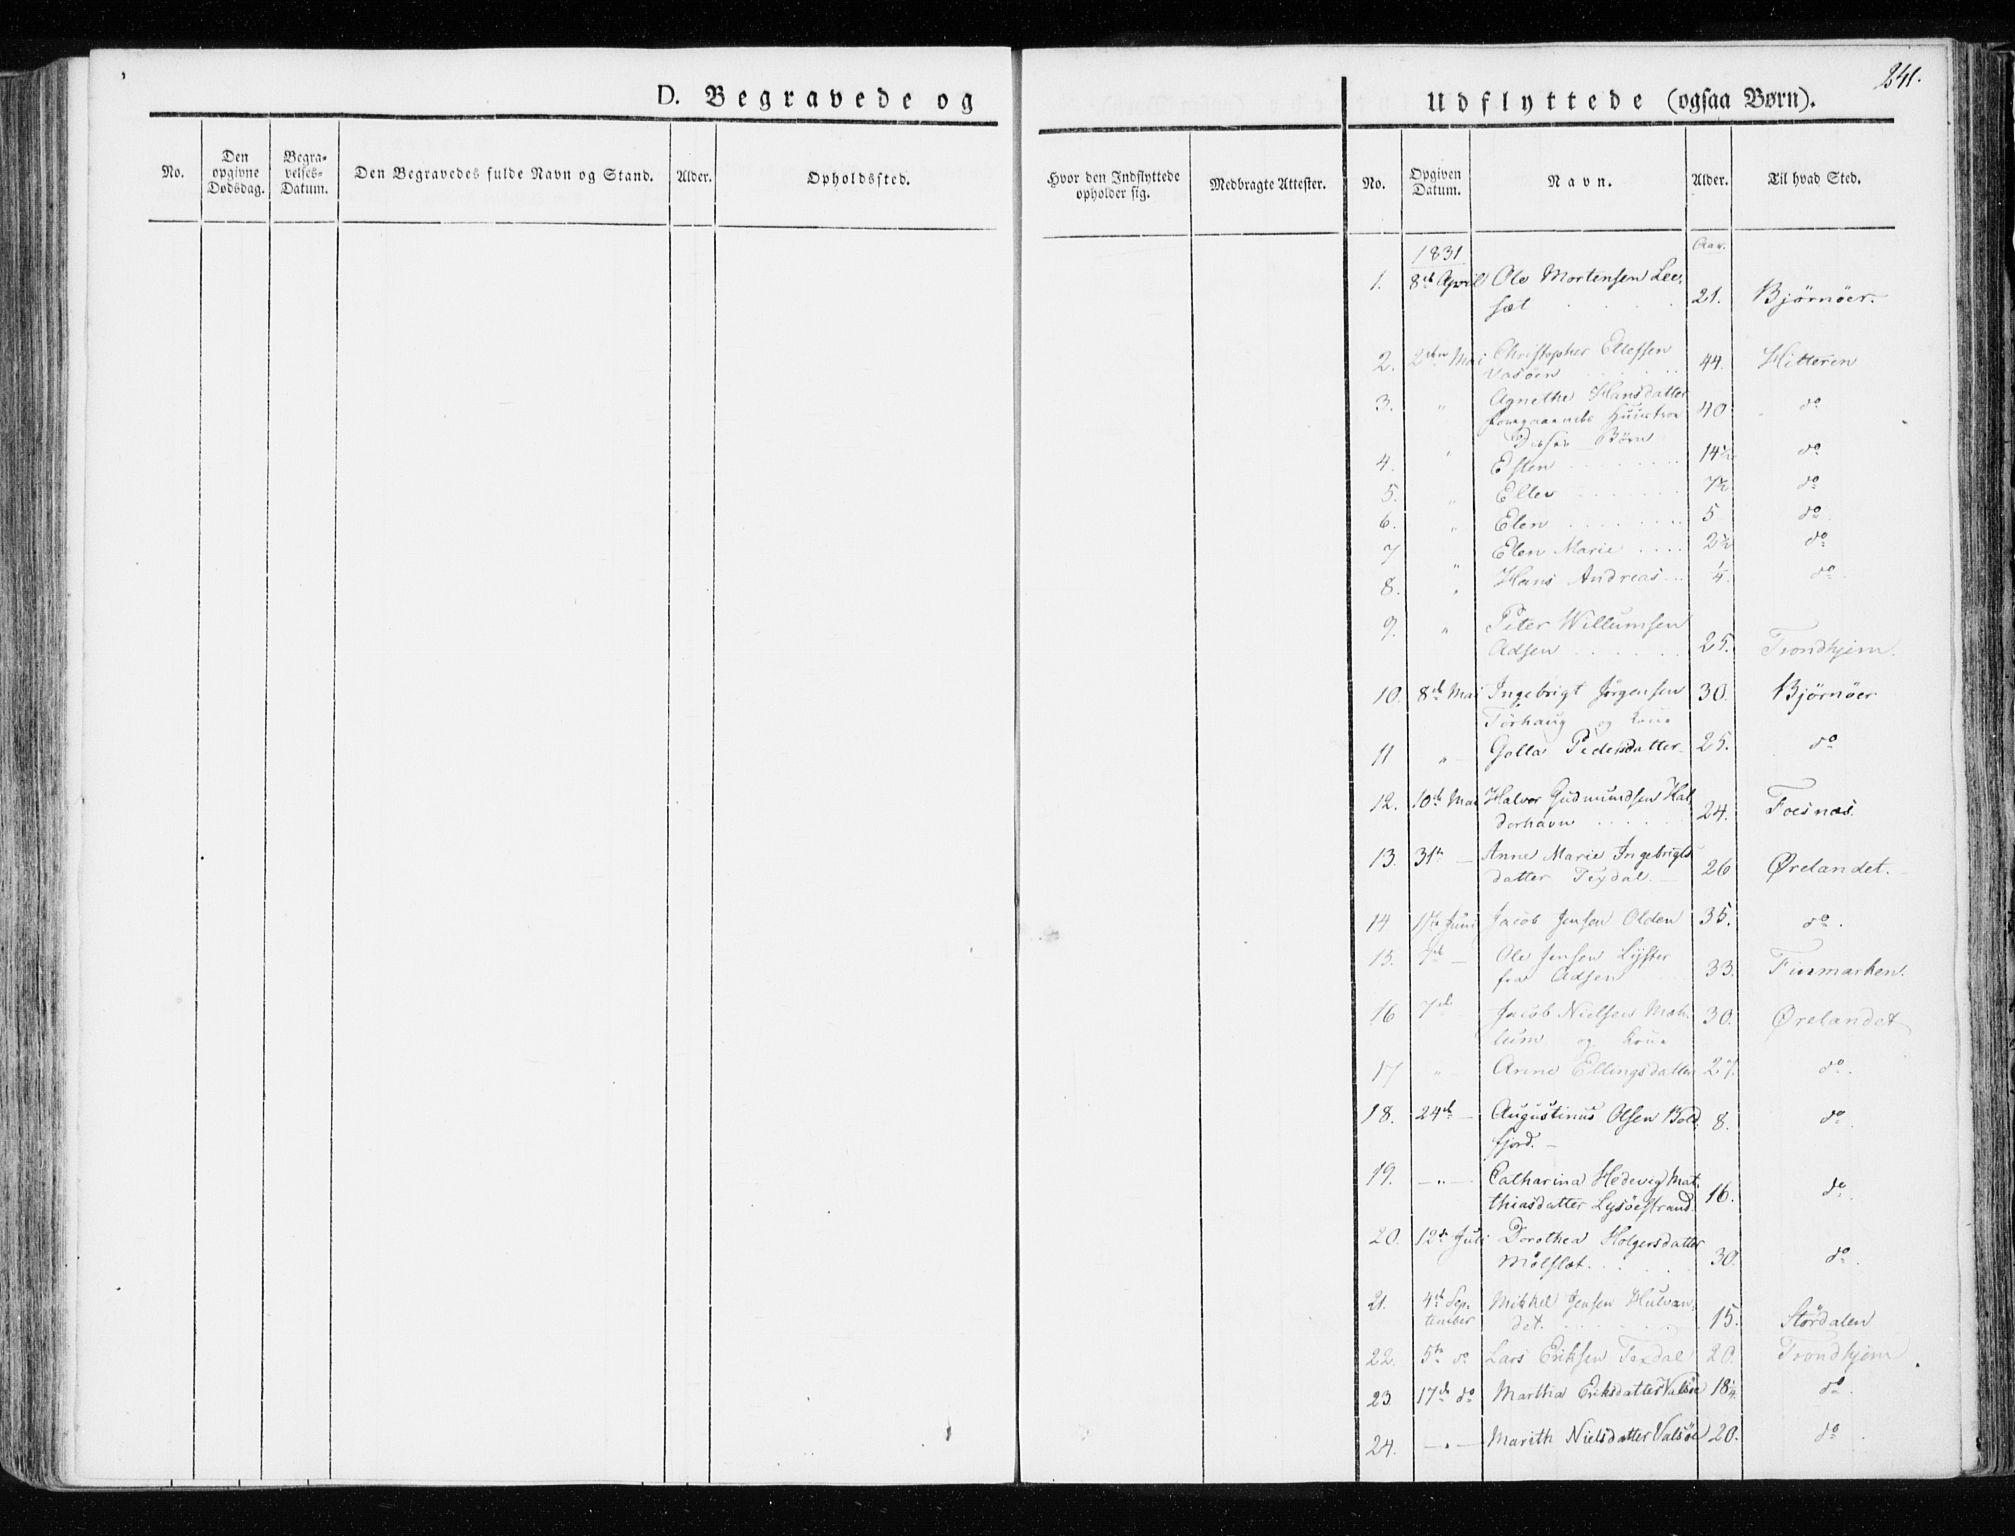 SAT, Ministerialprotokoller, klokkerbøker og fødselsregistre - Sør-Trøndelag, 655/L0676: Ministerialbok nr. 655A05, 1830-1847, s. 241